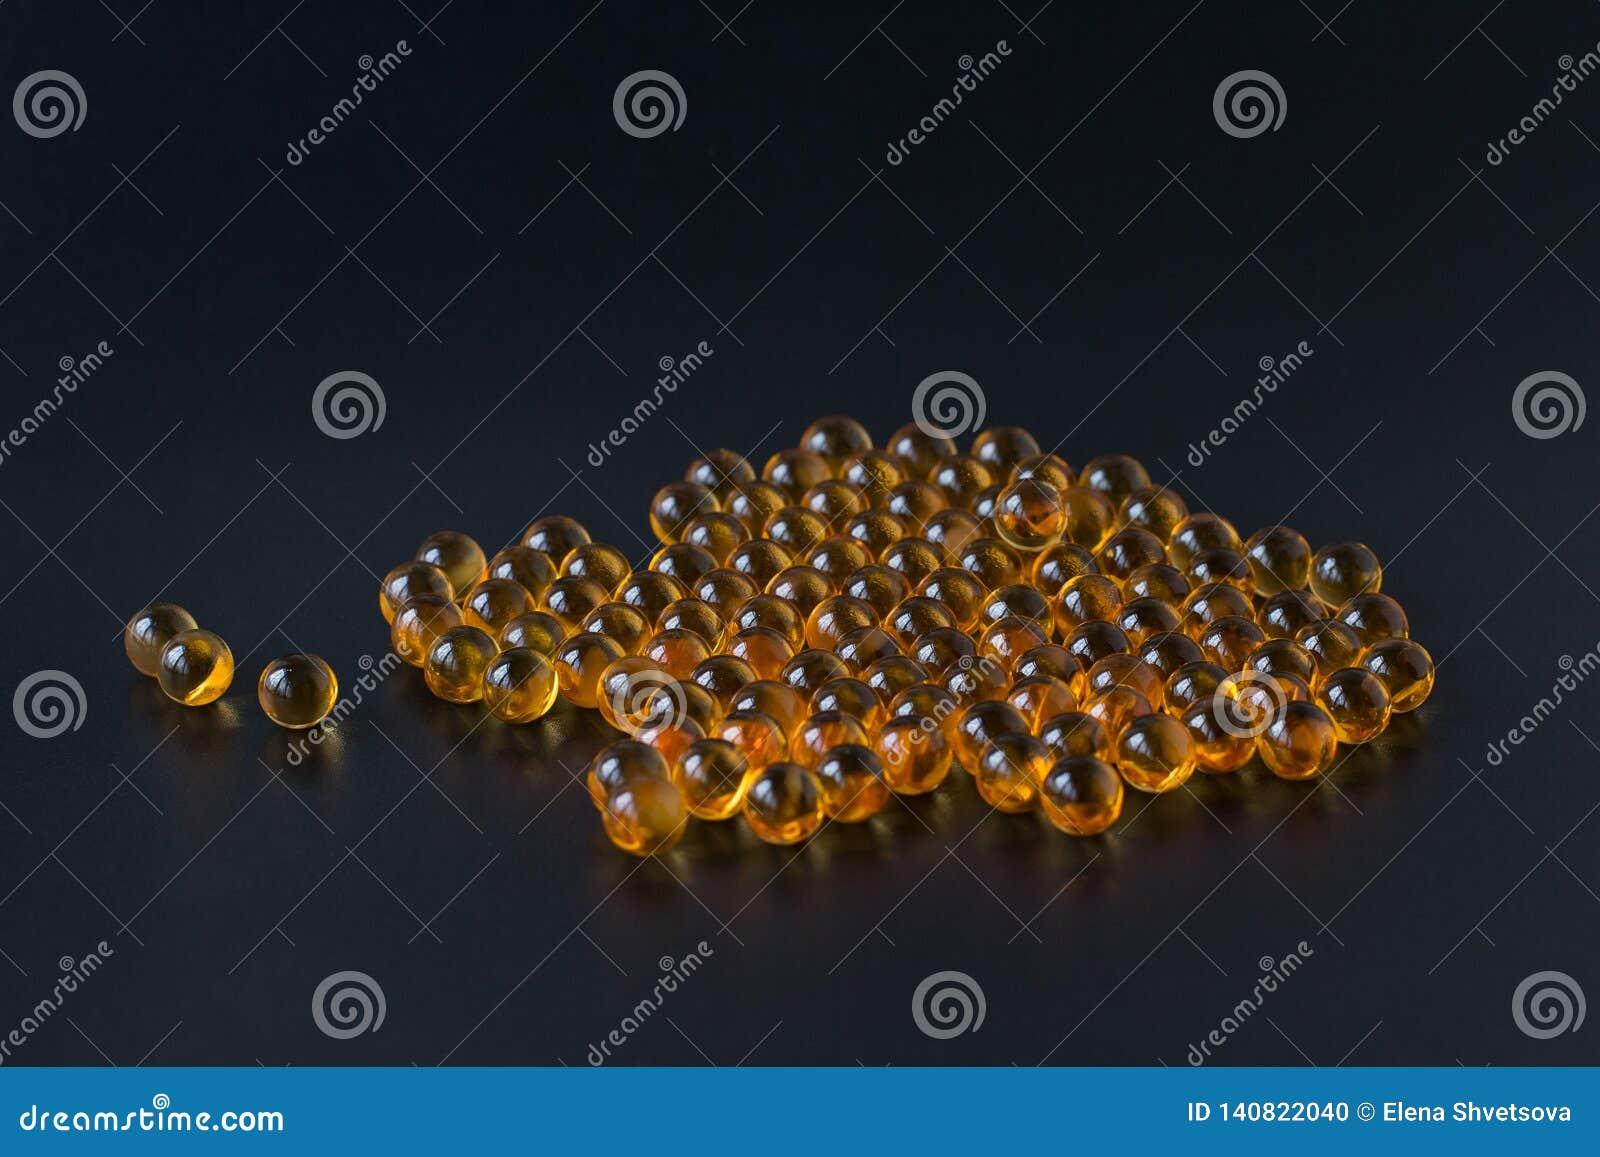 Wątróbka olej w kapsułach na czarnym tle